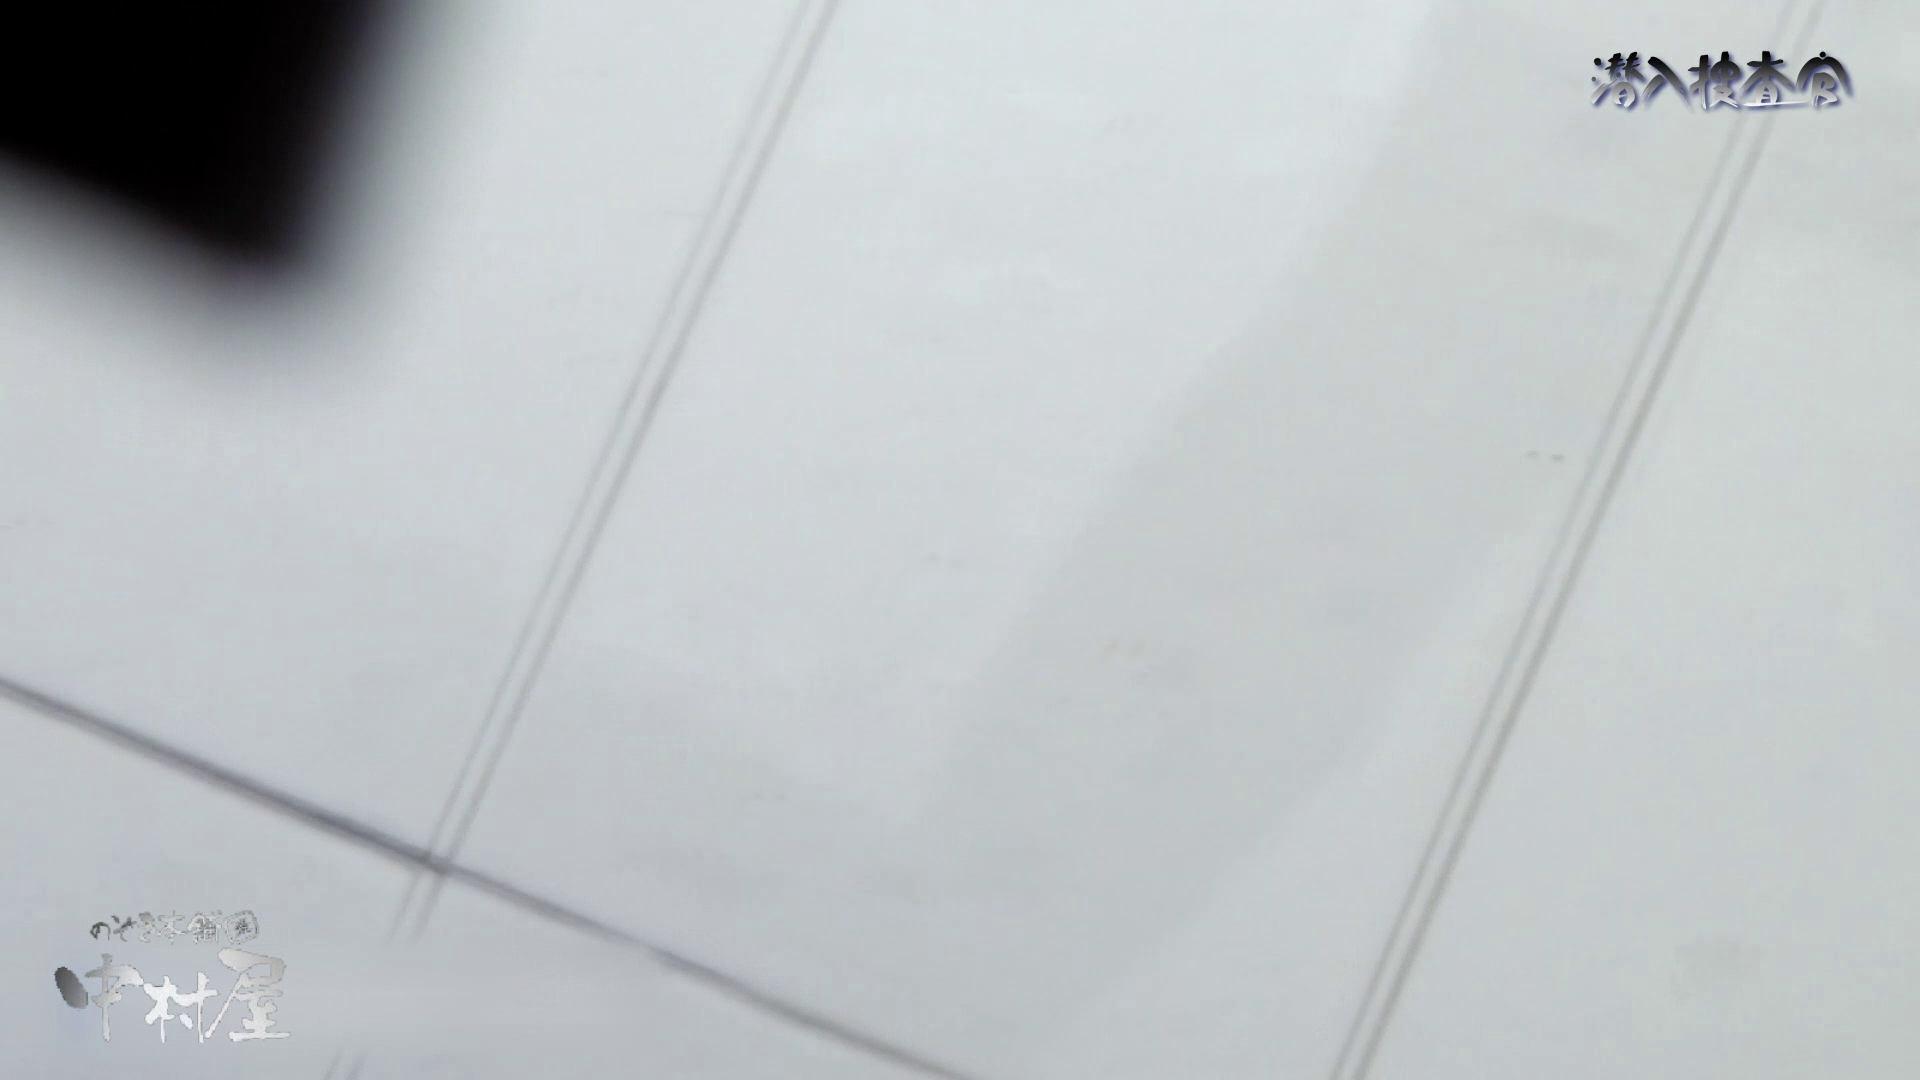 なんだこれ!35 完全に閉じている純白な「蕾」後編 潜入画像 | 0  78画像 23